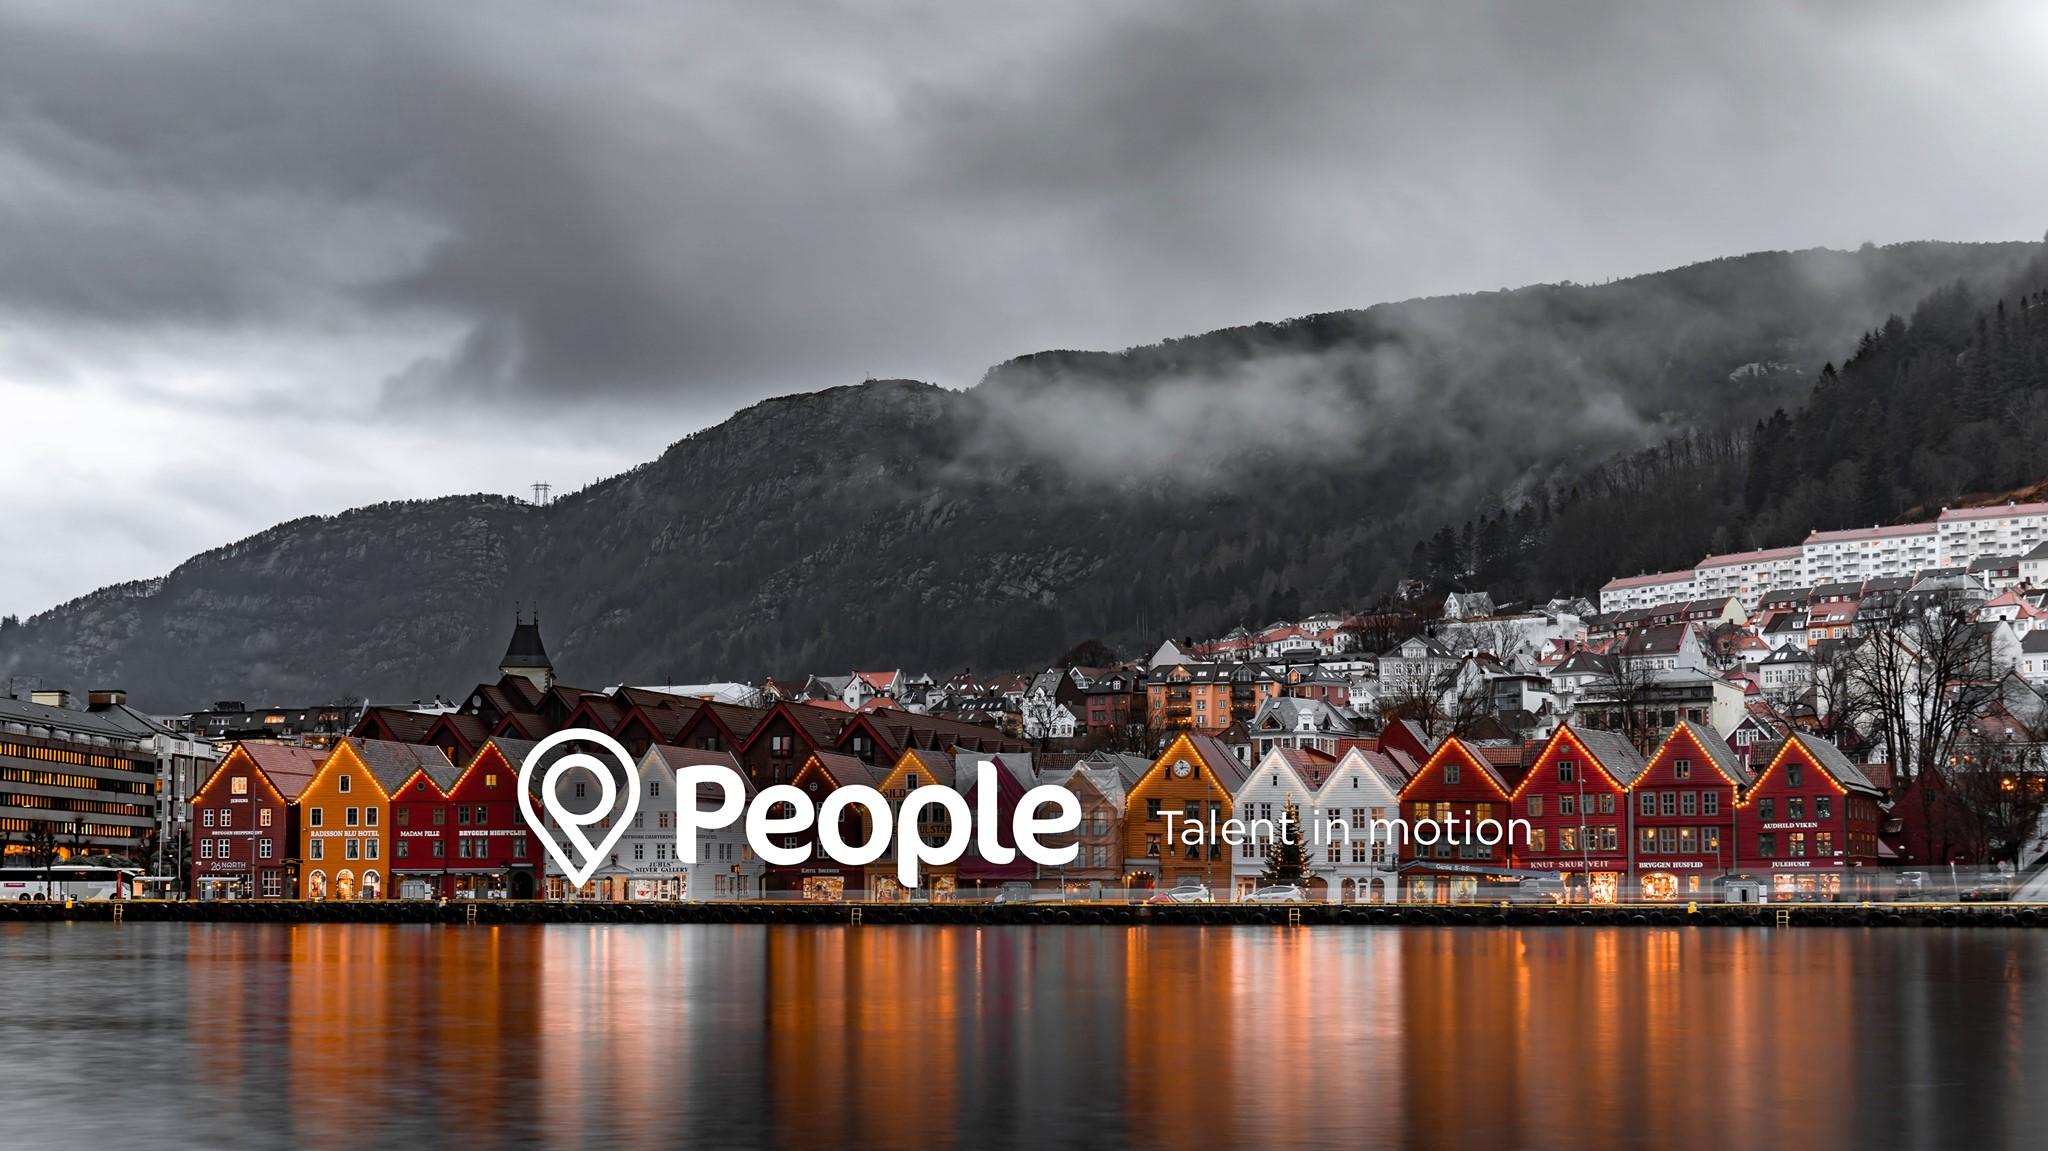 People Bergen AS